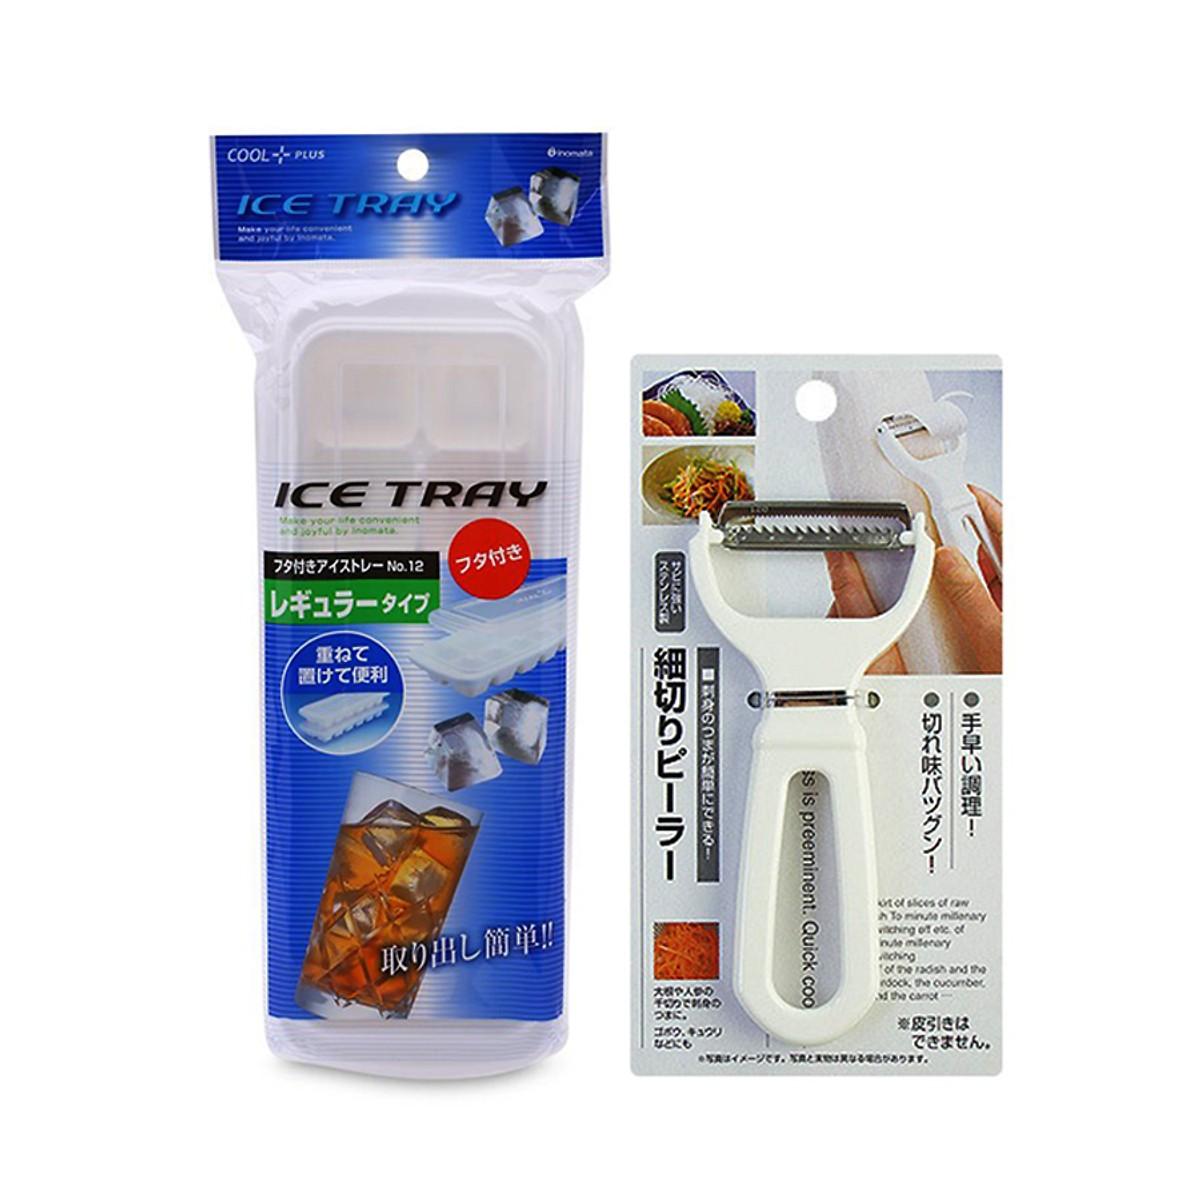 Combo Khay đá dễ lấy chống ám mùi tủ lạnh + cây nạo củ - Hàng nội địa Nhật